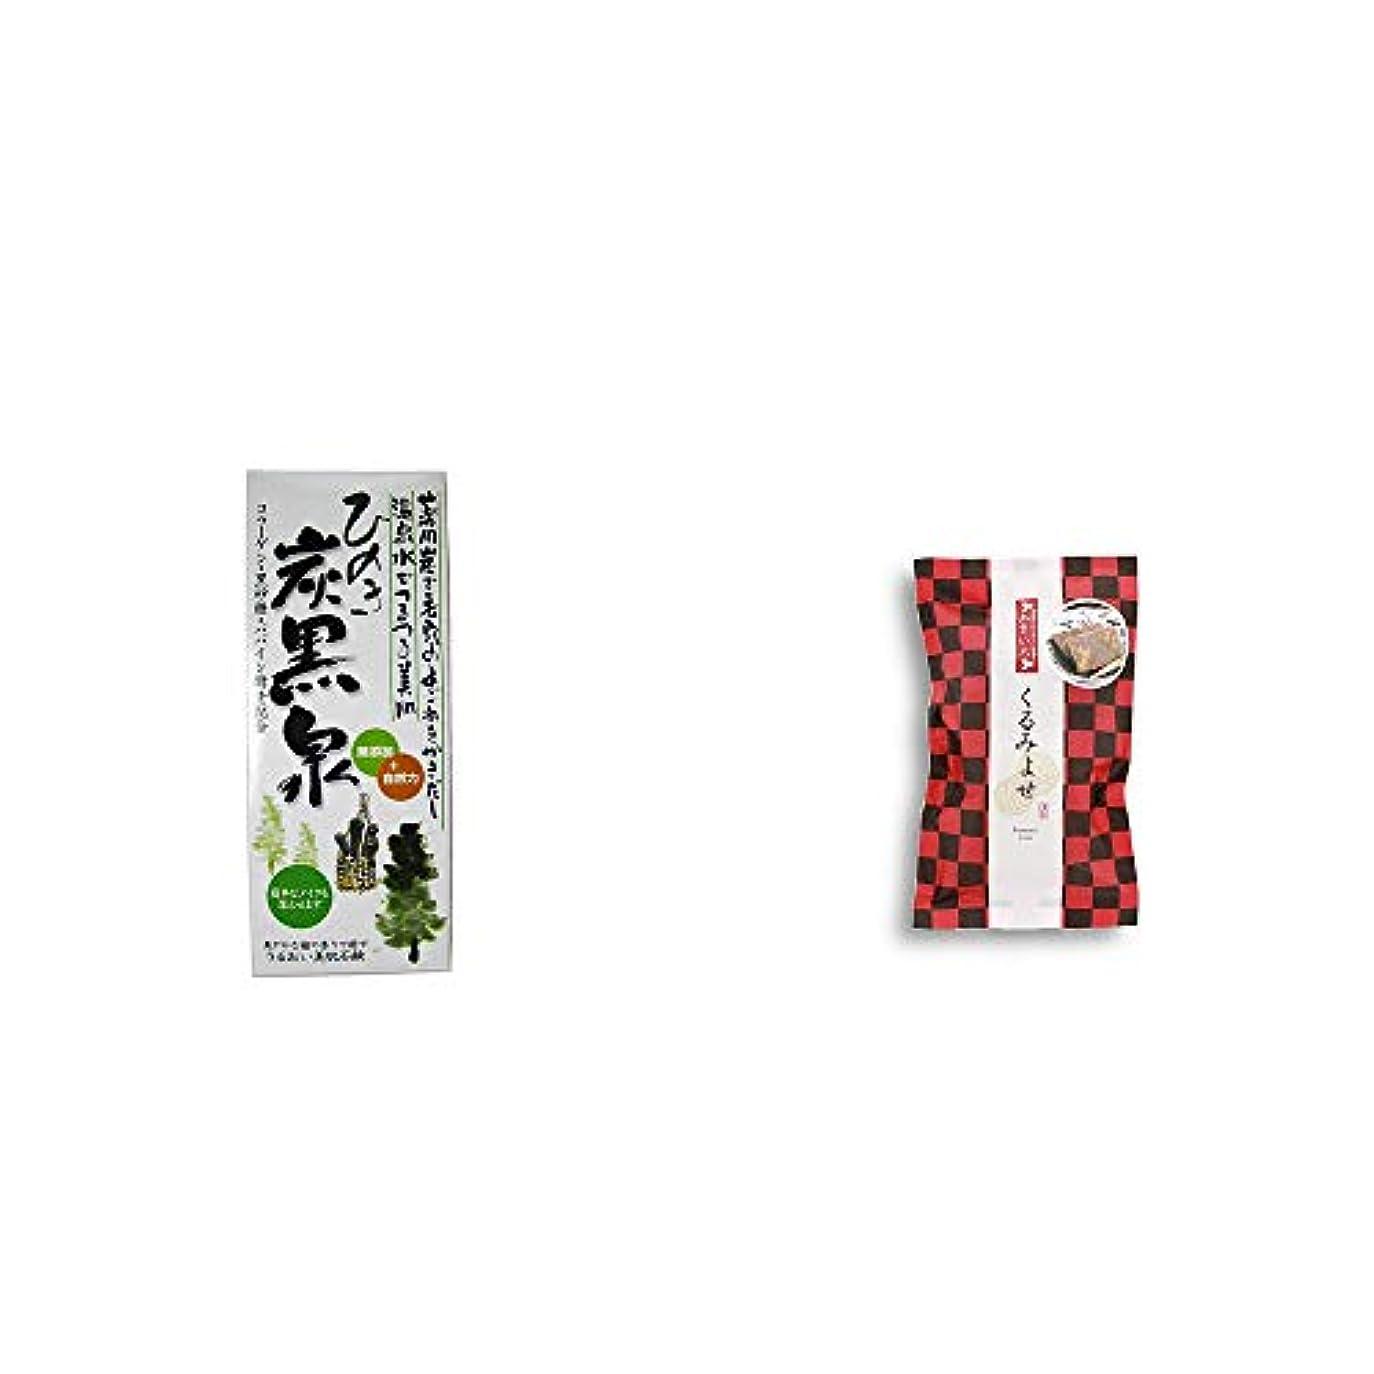 公使館ドループ天皇[2点セット] ひのき炭黒泉 箱入り(75g×3)?くるみよせ(こし餡)(5個入)